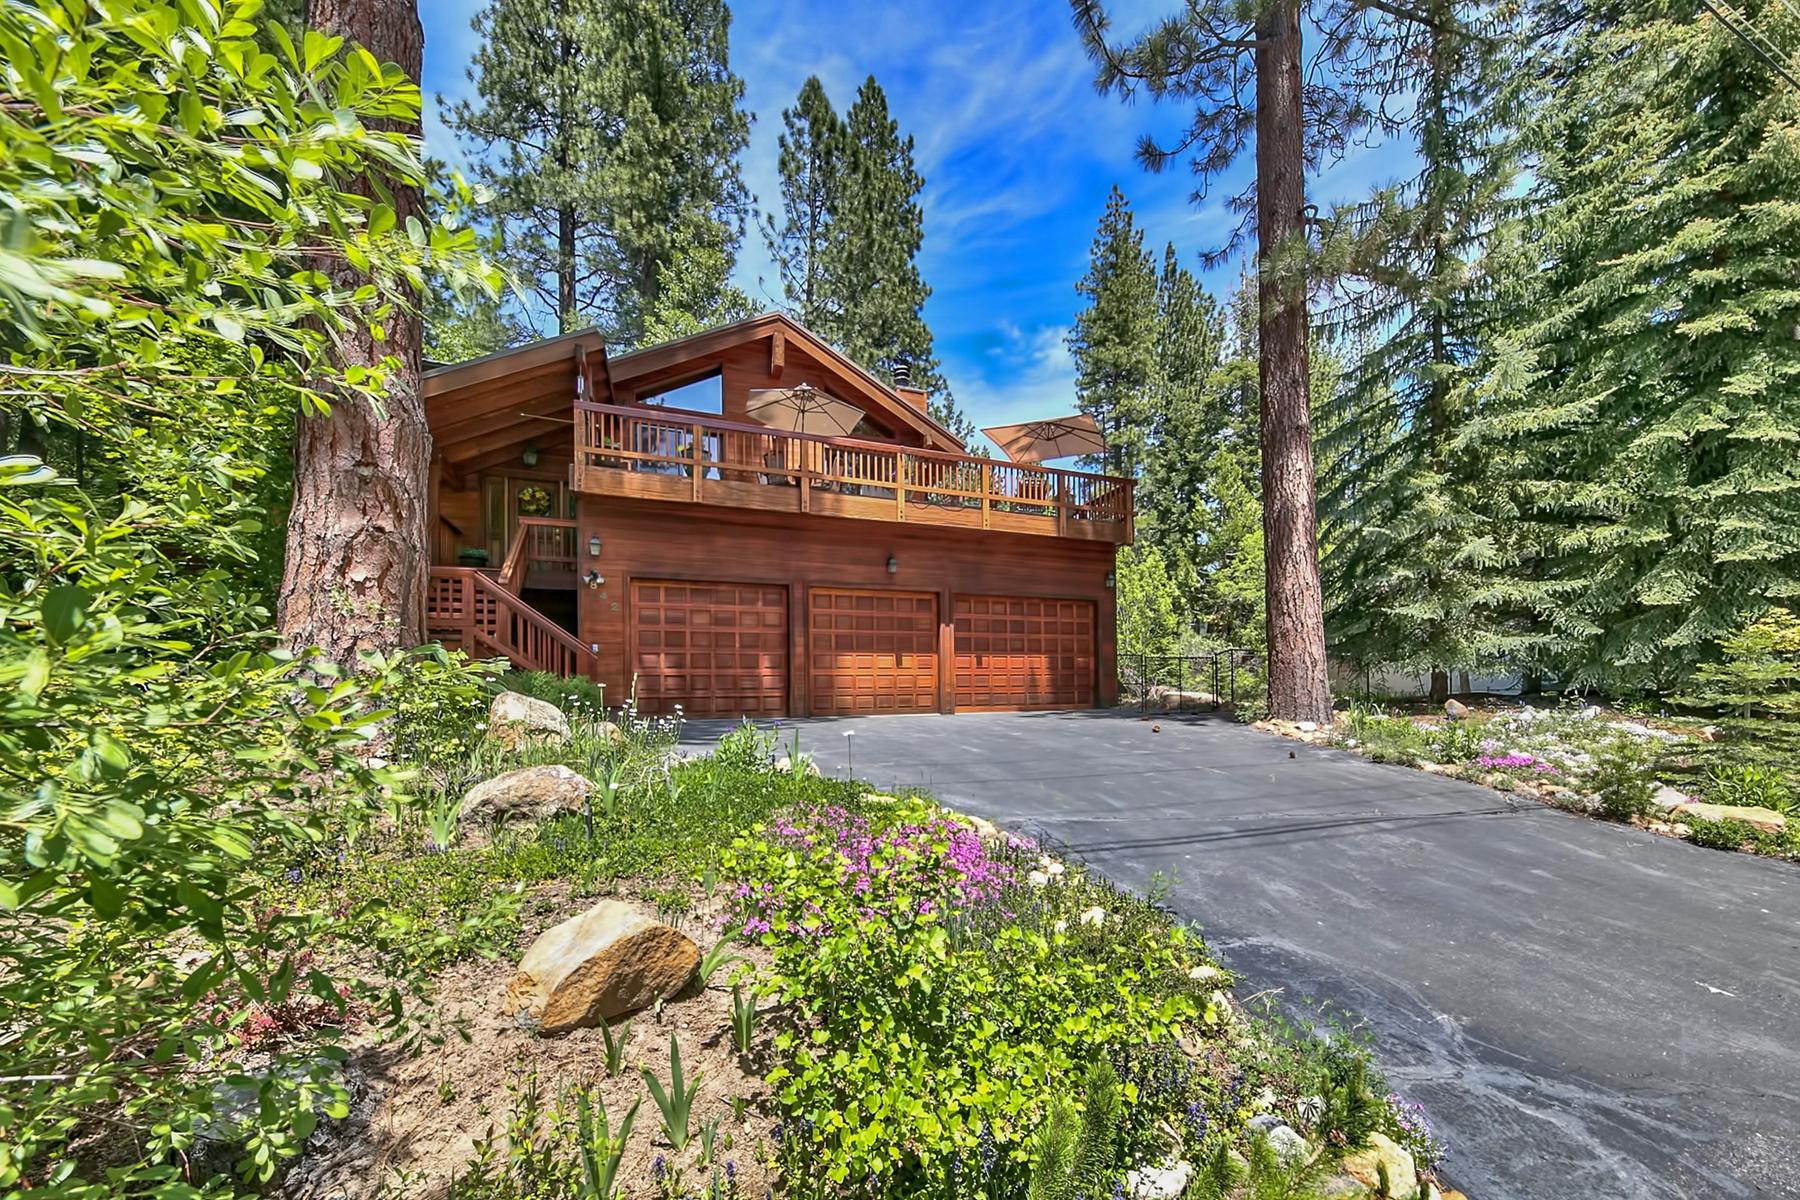 Maison unifamiliale pour l Vente à 842 Ophir Peak Road Incline Village, Nevada, 89451 Lake Tahoe, États-Unis